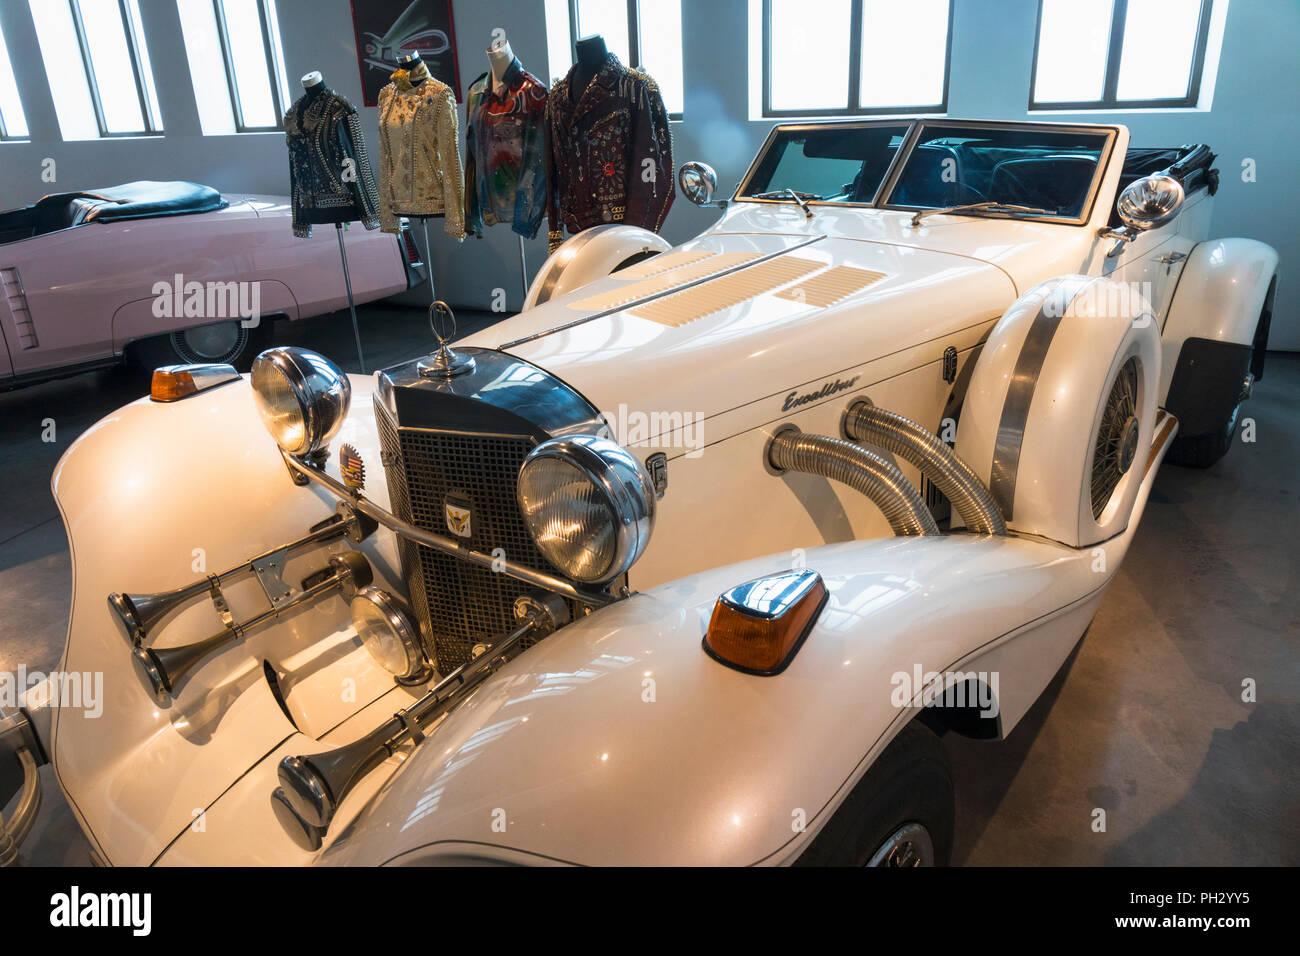 Museo Automovilistico y de la moda, Malaga, provincia di Malaga, Spagna. Automobile e il Museo della Moda. La limited edition V8, 155 HP, 5000 cc, modello IV Immagini Stock